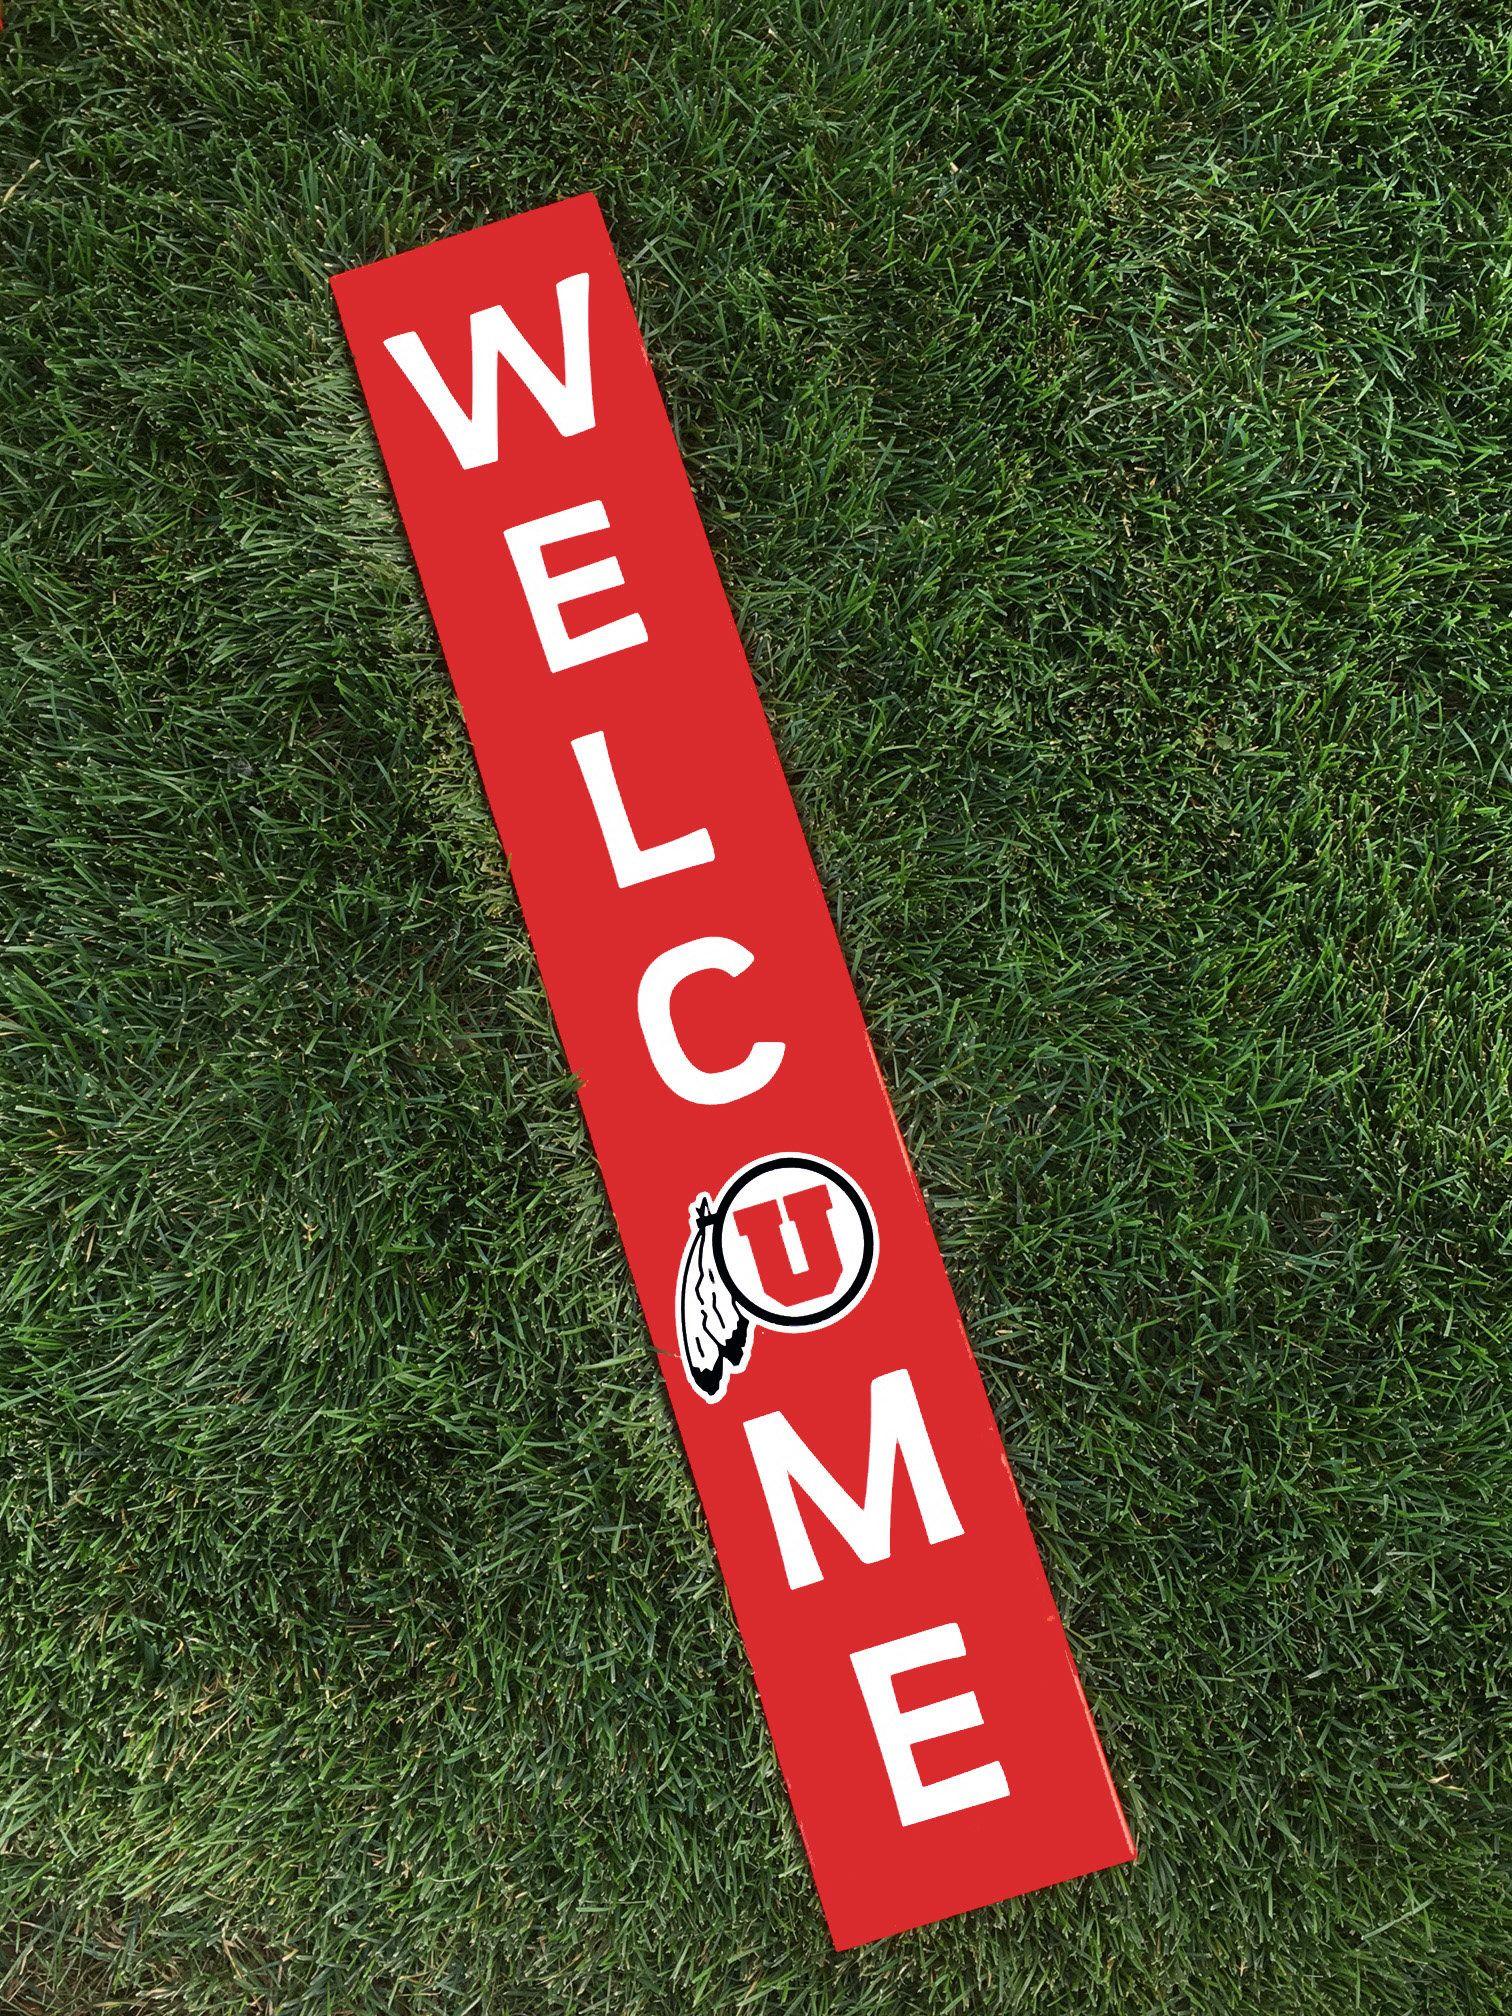 Utah Utes Utah Utes Decor U Of U Utes Welcome Porch Sign University Of Utah University Of Utah Decor College De Porch Signs Porch Welcome Sign Utah Utes [ 2016 x 1512 Pixel ]